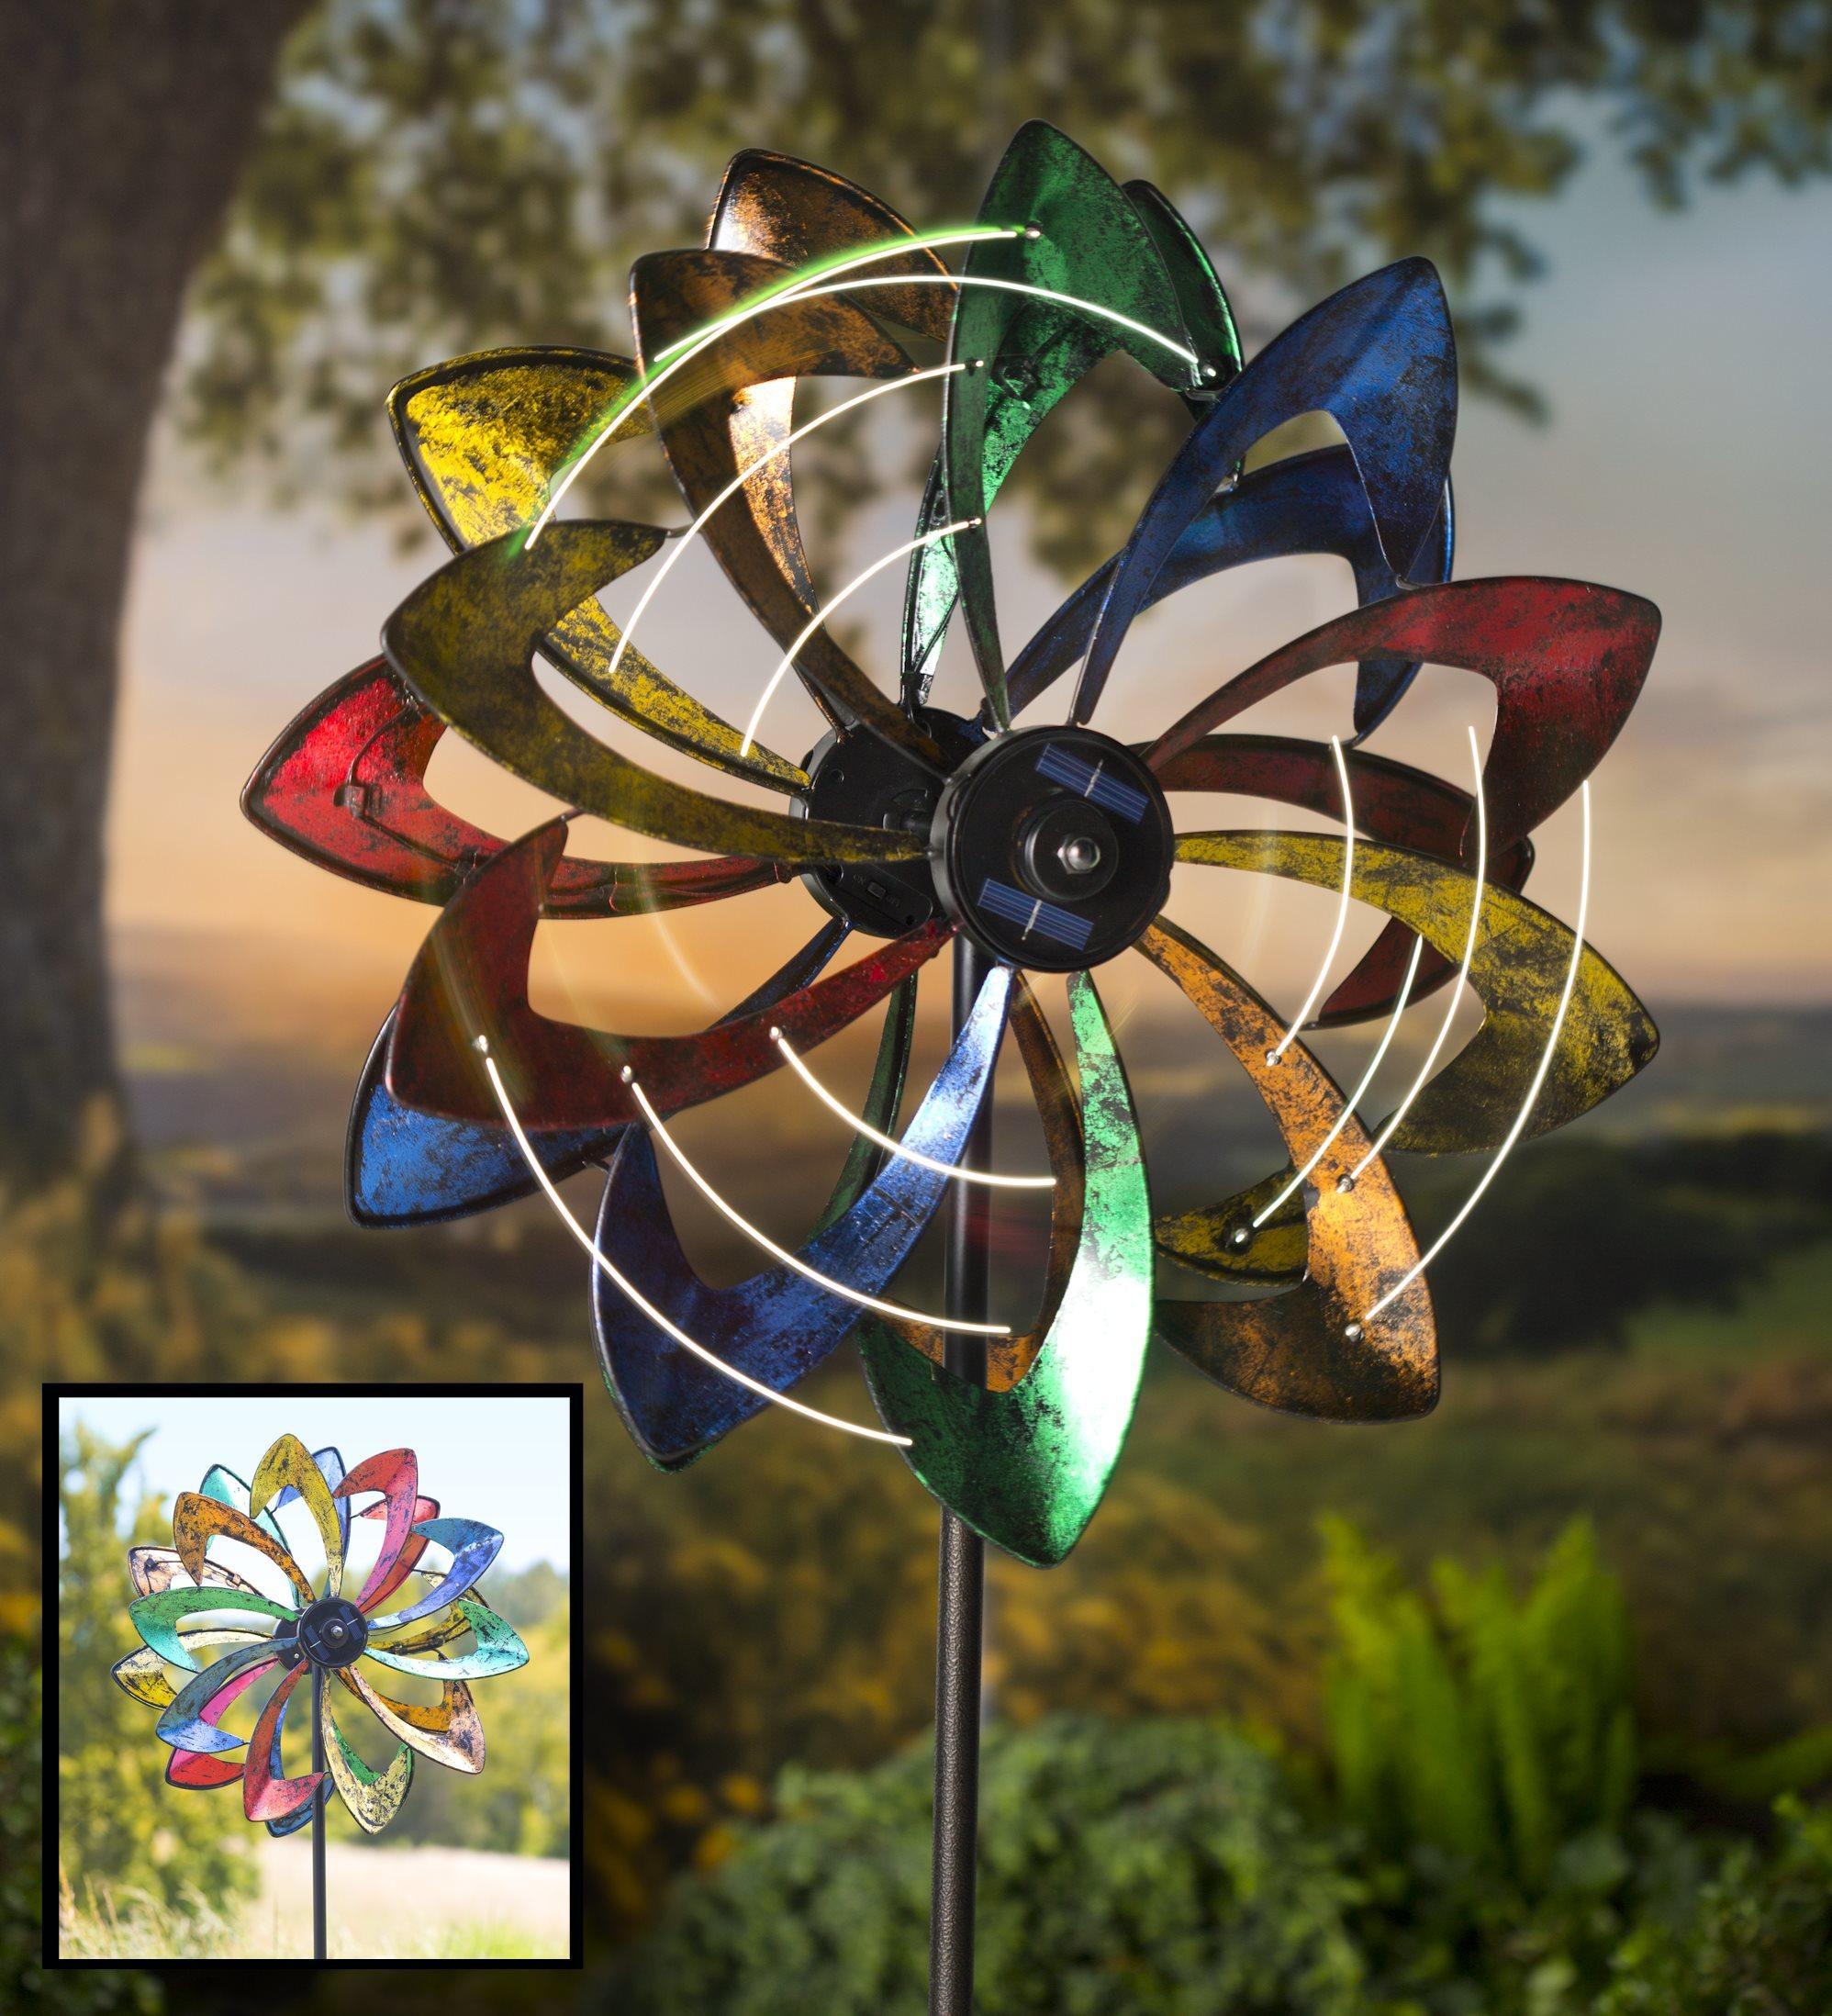 Solar-Powered LED Flower-Shaped Garden Wind Spinner | eBay